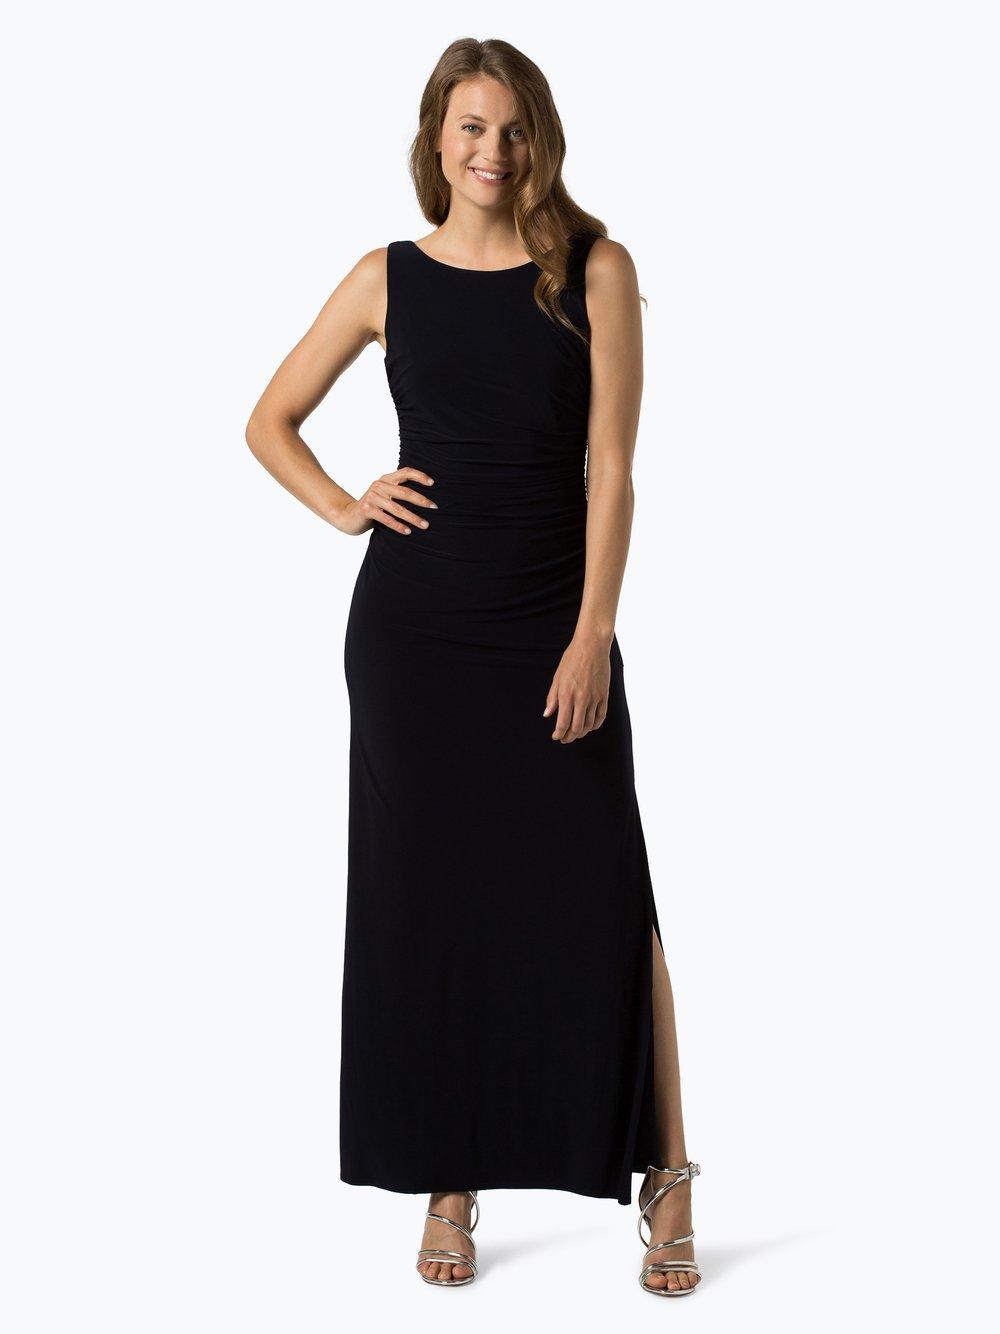 Ambiance – Damska sukienka wieczorowa, niebieski Van Graaf 371627-0003-00380